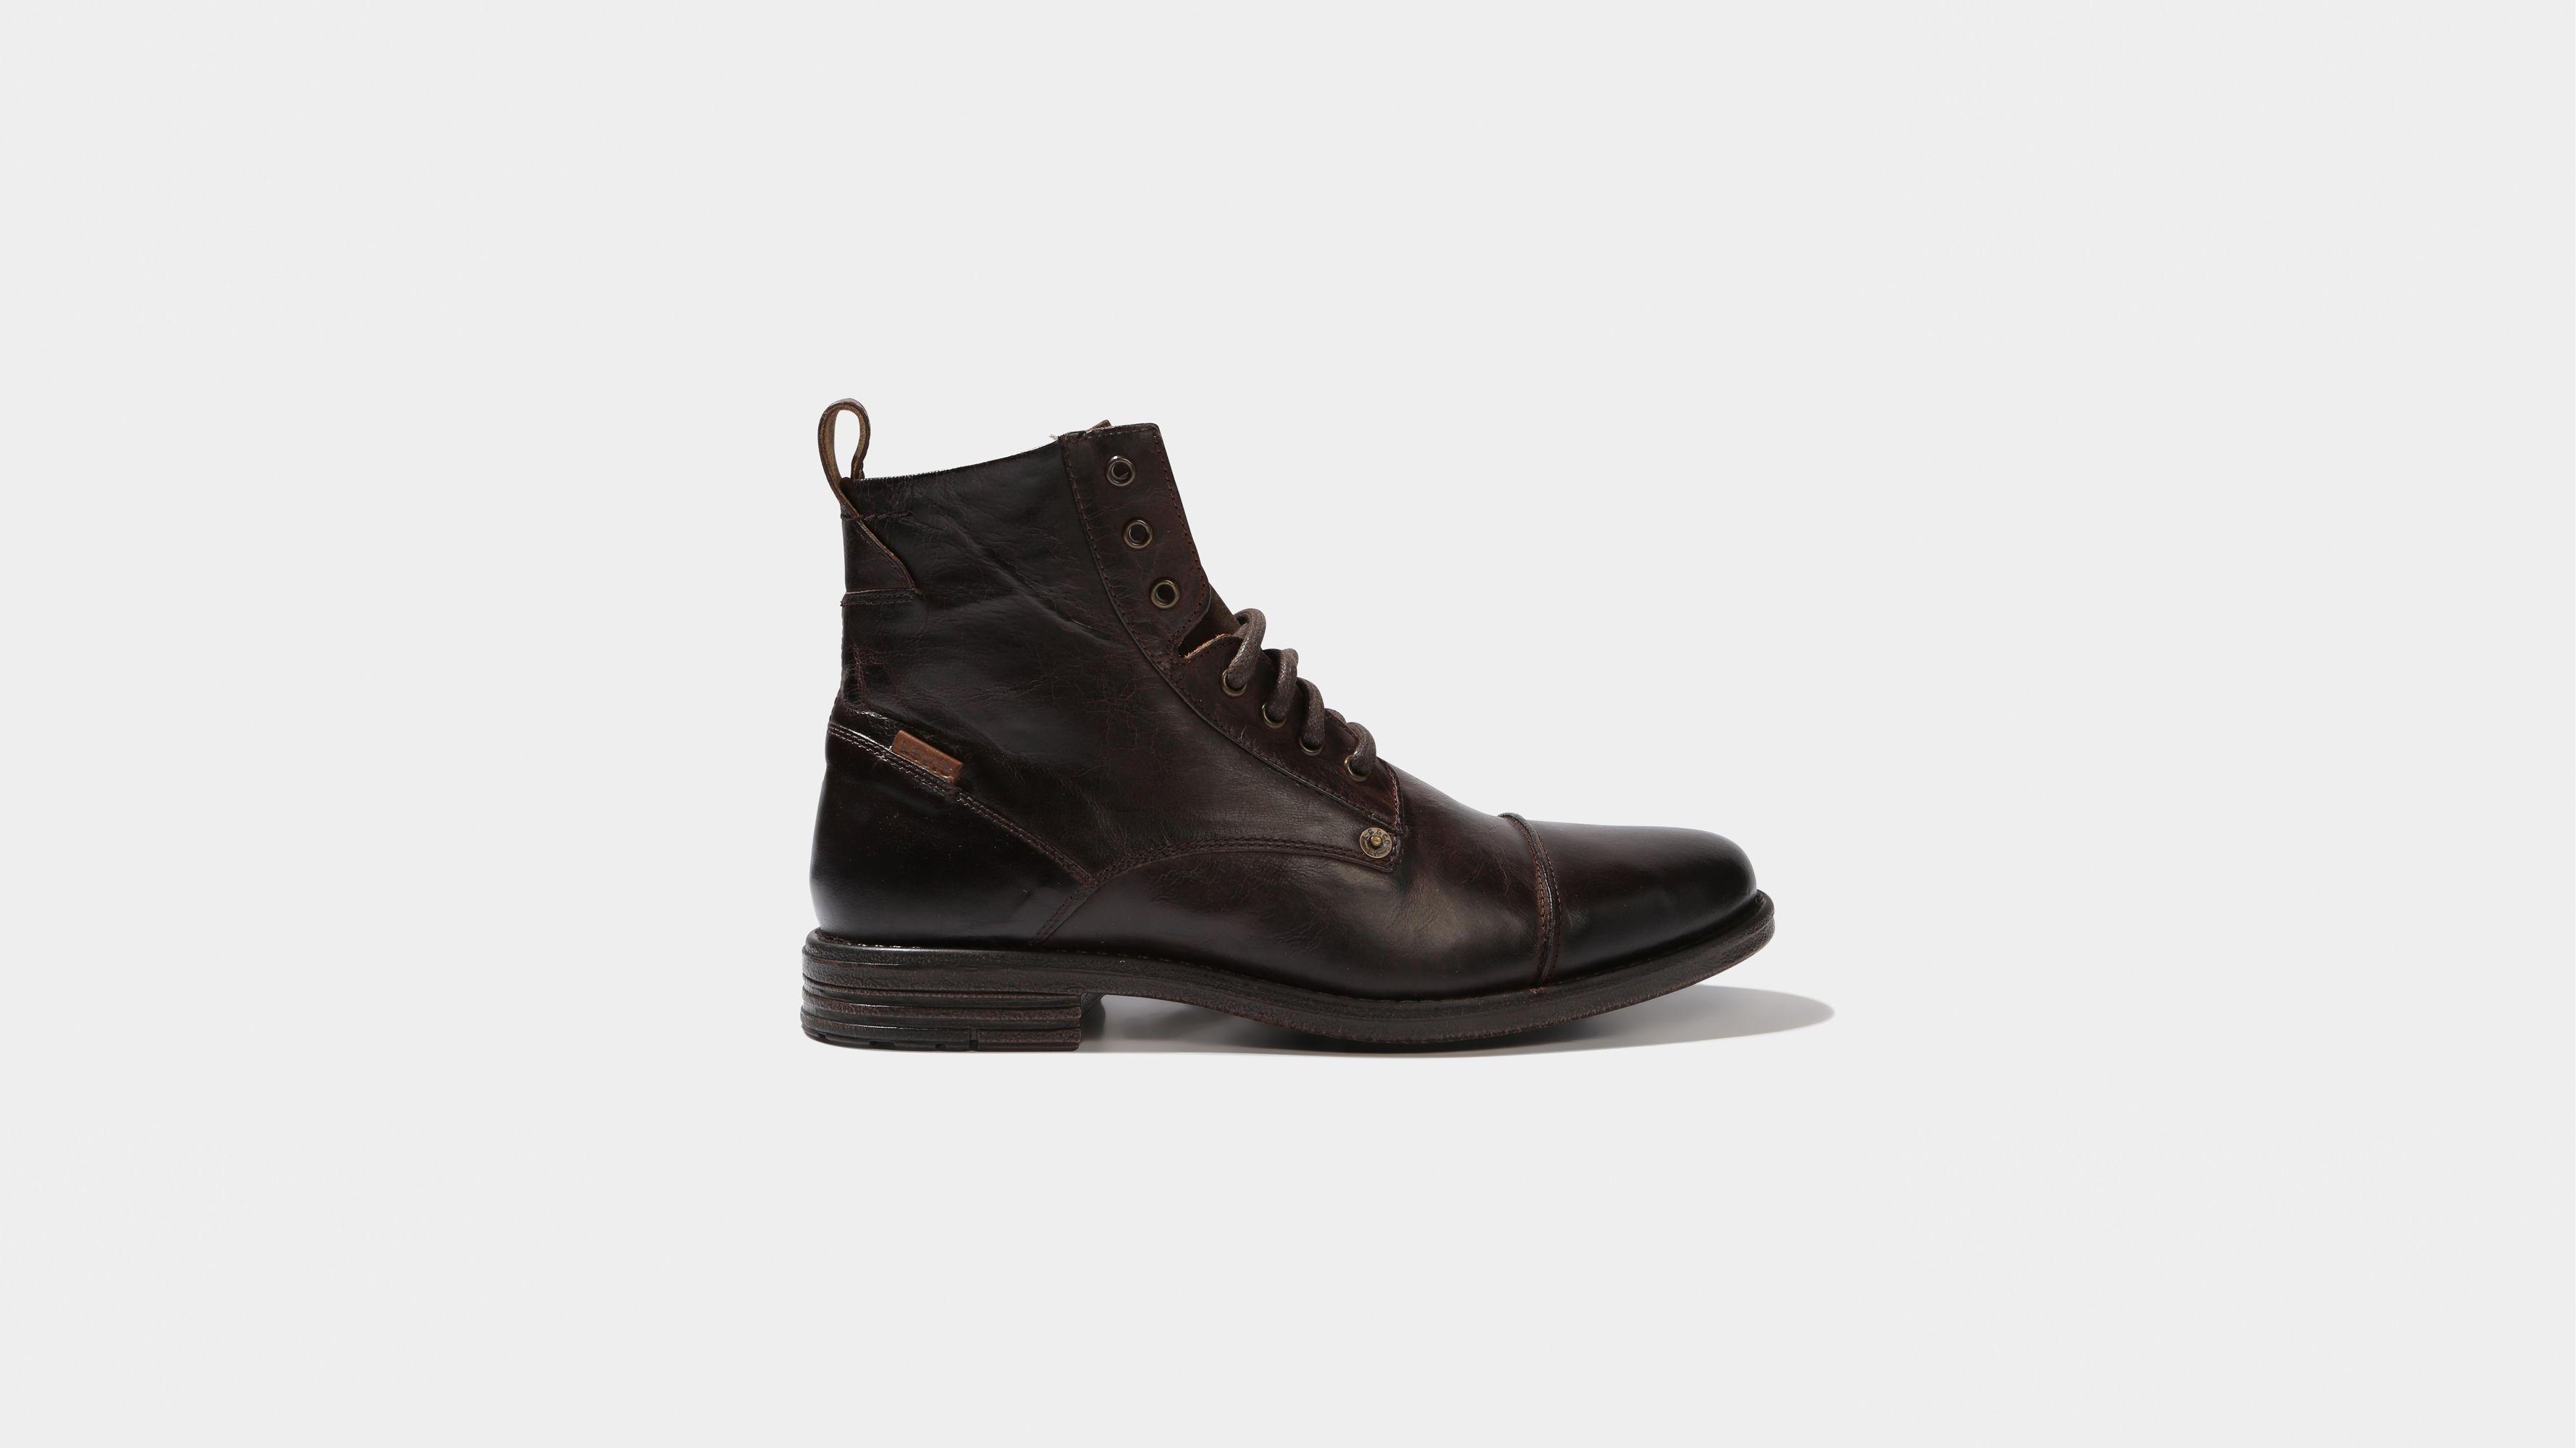 184530bfa1e Emerson Boots